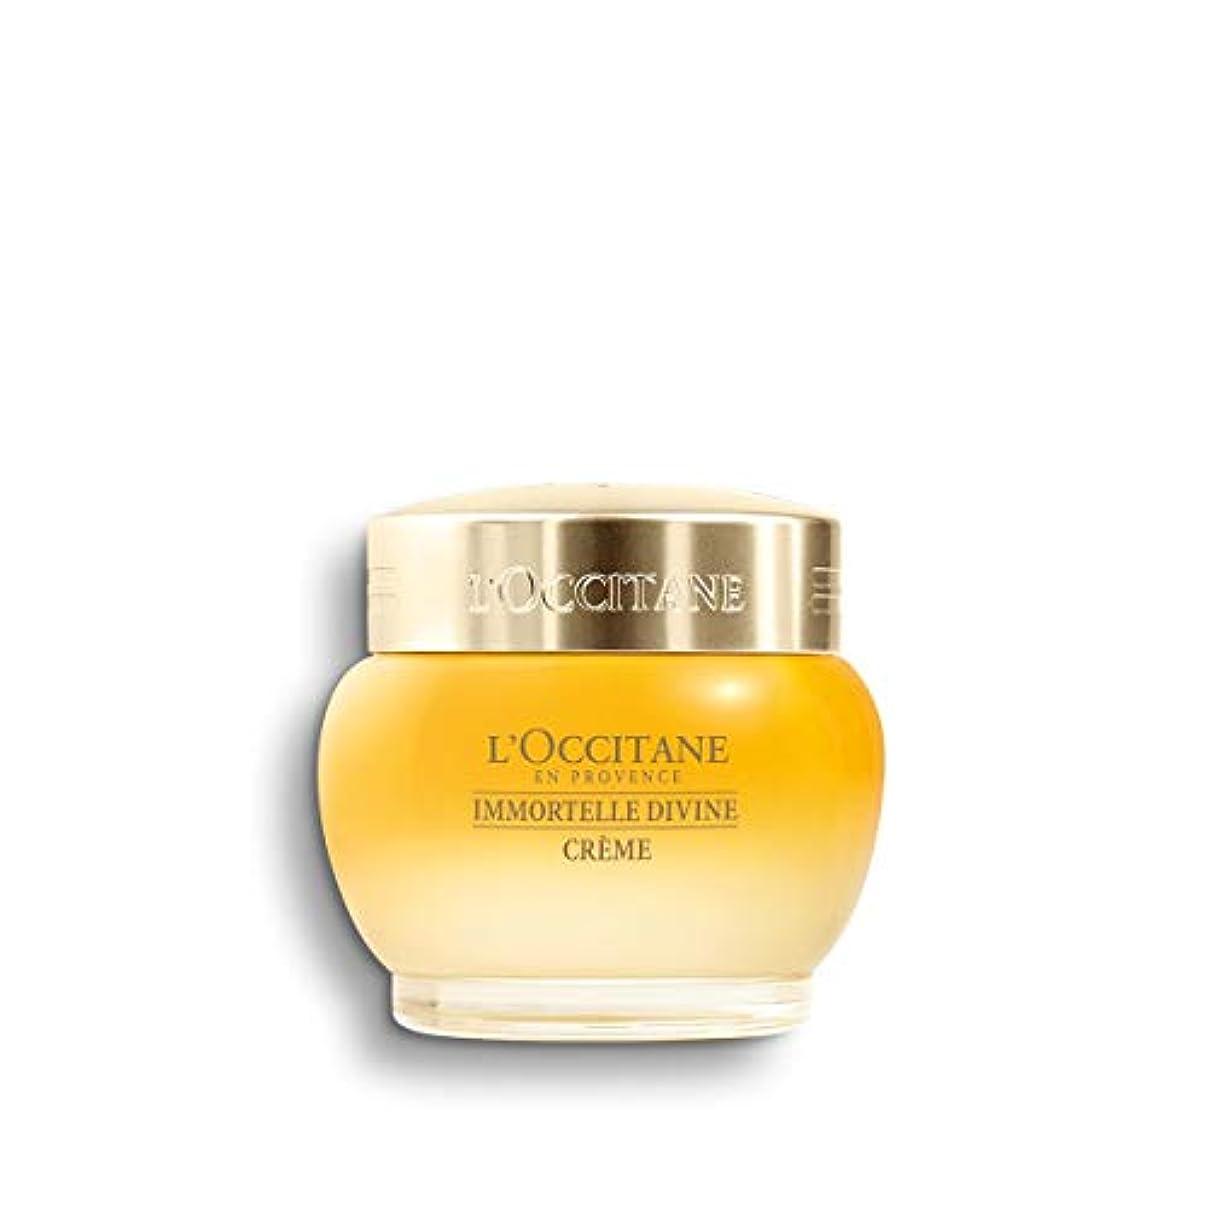 乳剤剥離ソーセージロクシタン(L'OCCITANE) イモーテル ディヴァインクリーム 50ml